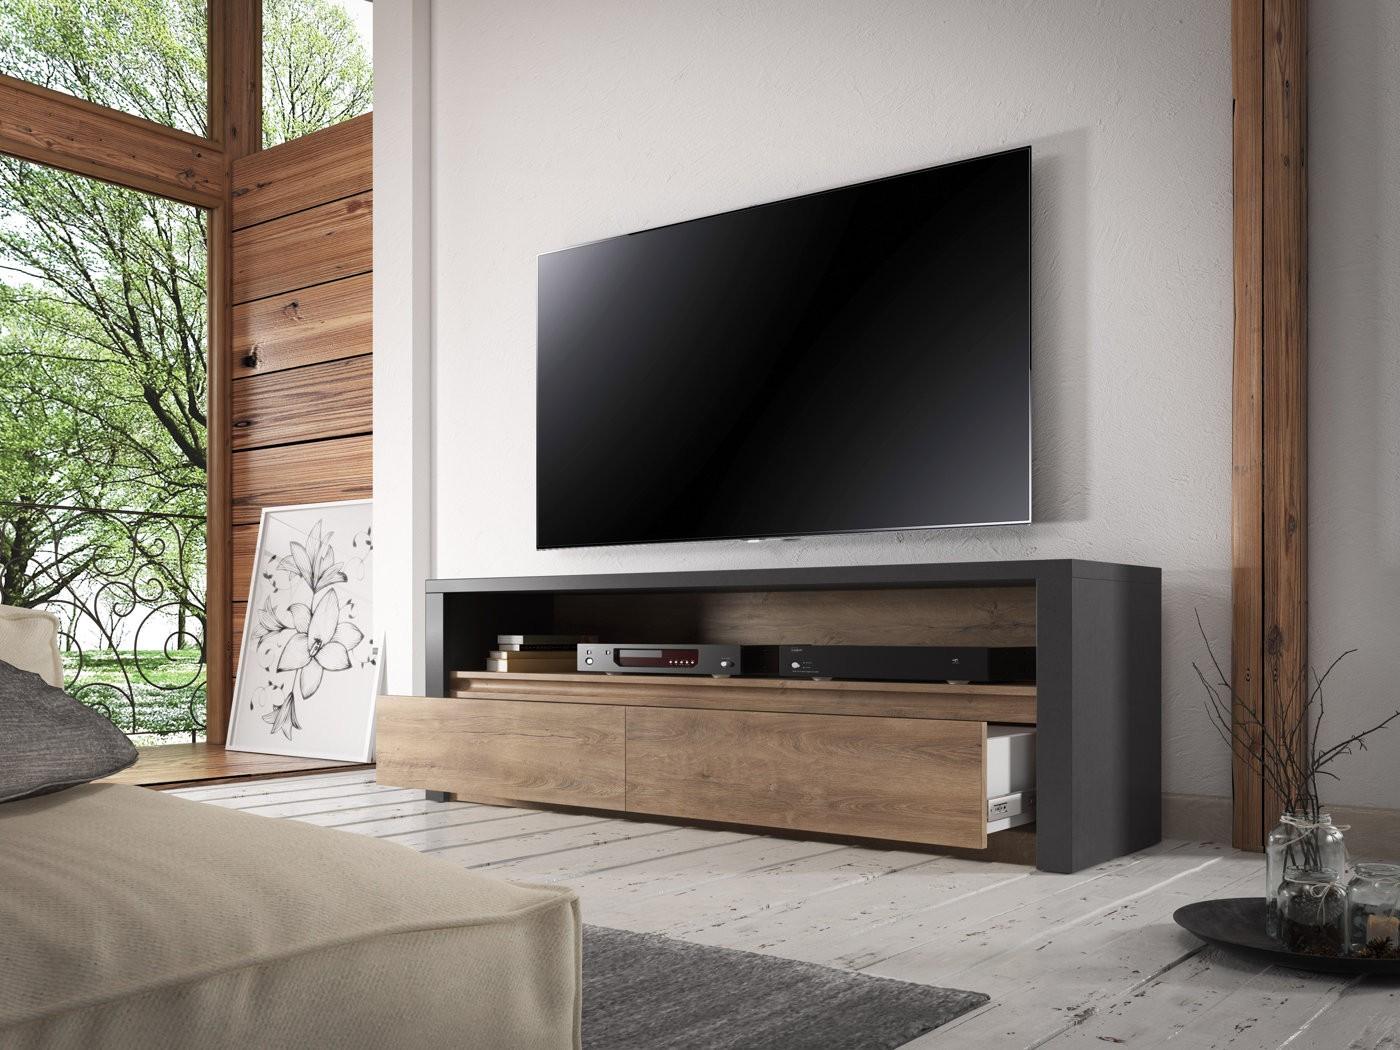 Tv meubel monaco eiken grijs 130 cm meubella for Showroommodellen design meubels